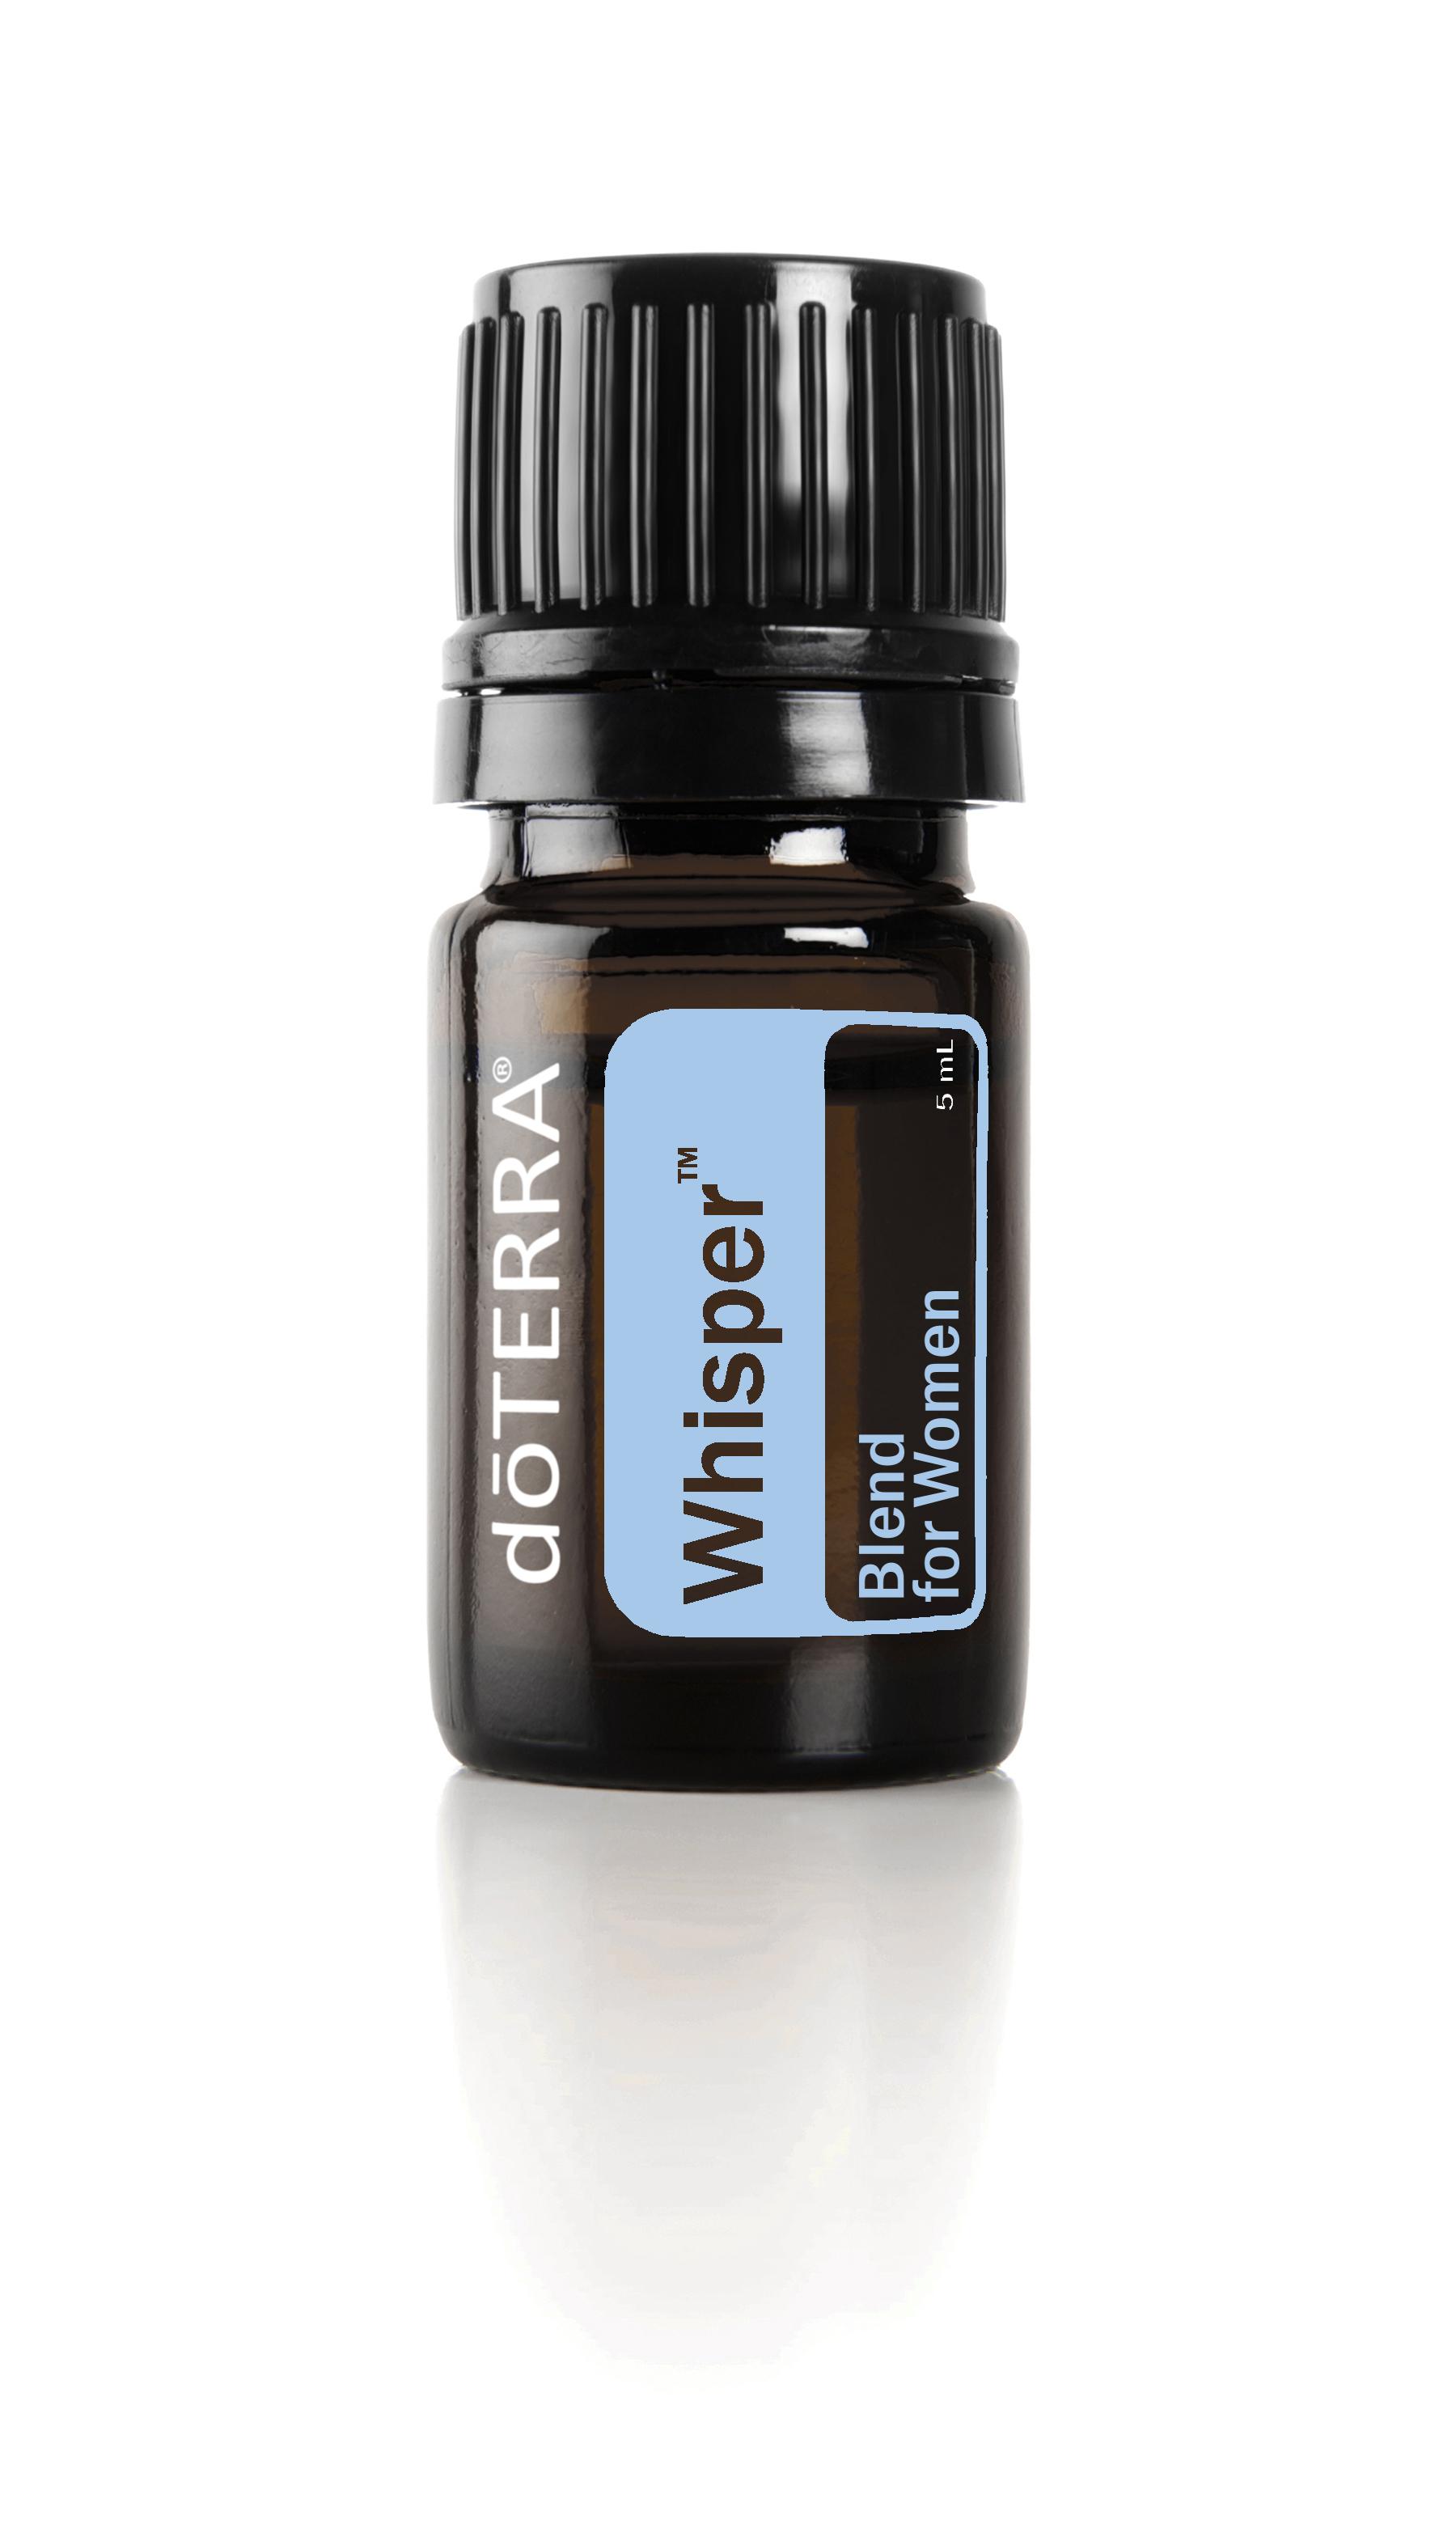 Whisper Essential Oils Blend For Women